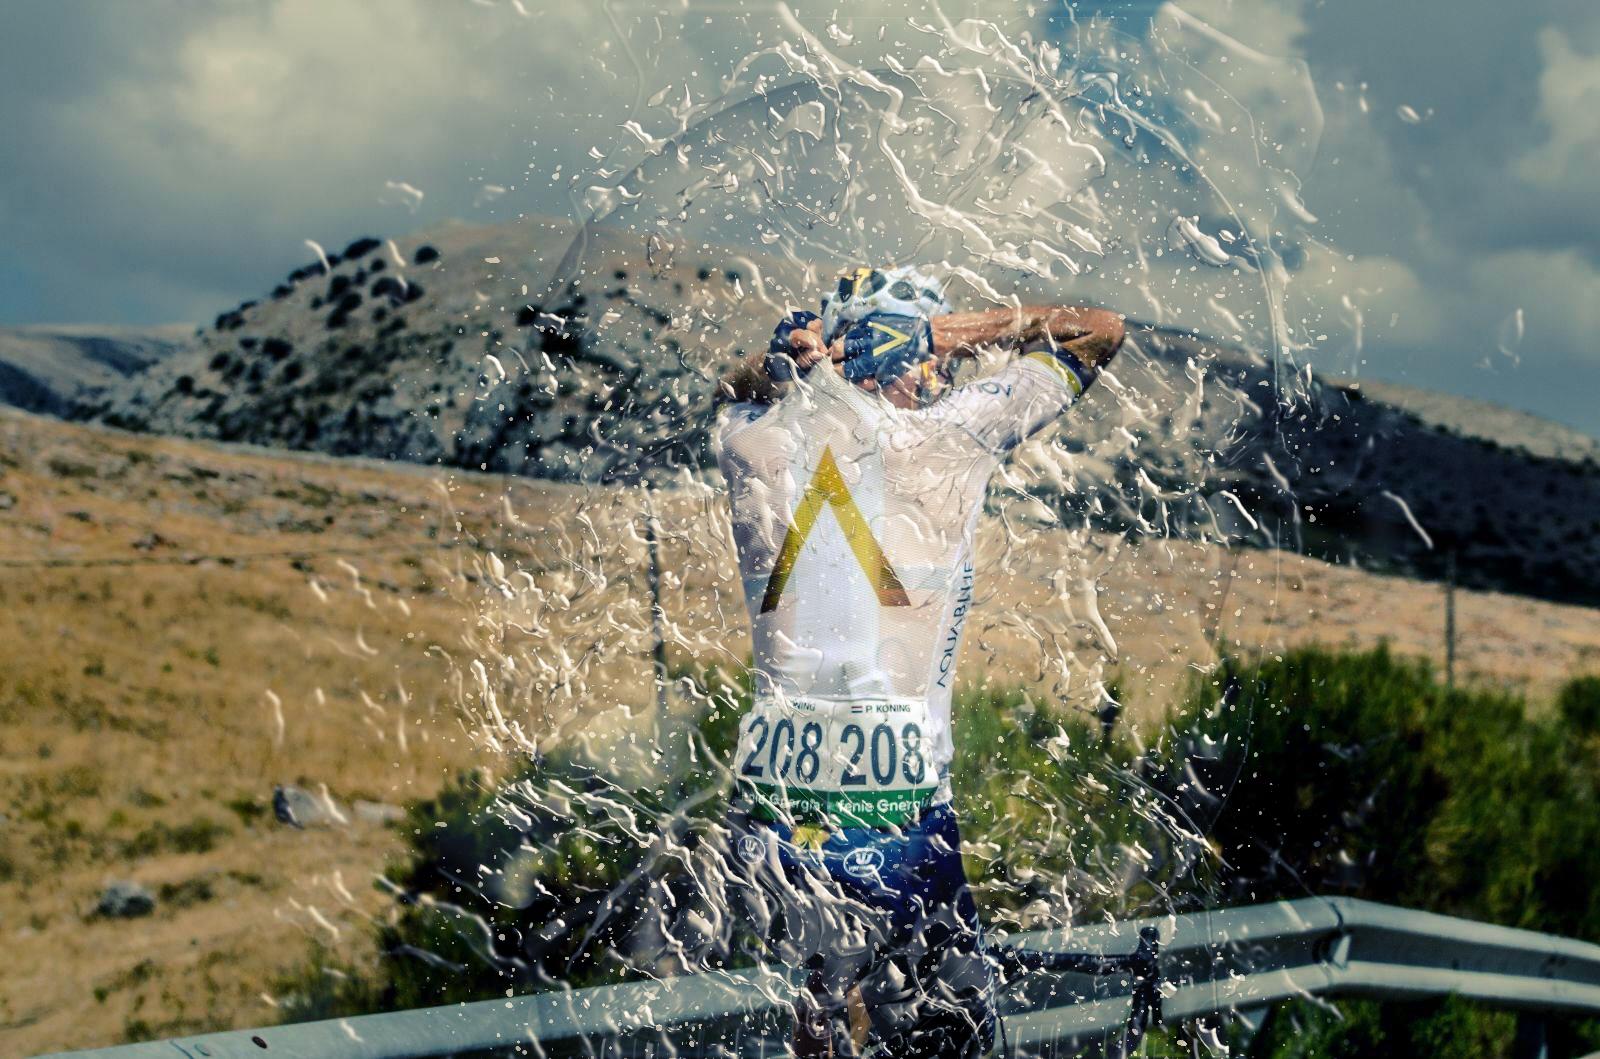 Fietsen met Peter in Ronde van Spanje: Deel 6 Happen om goed te kunnen trappen